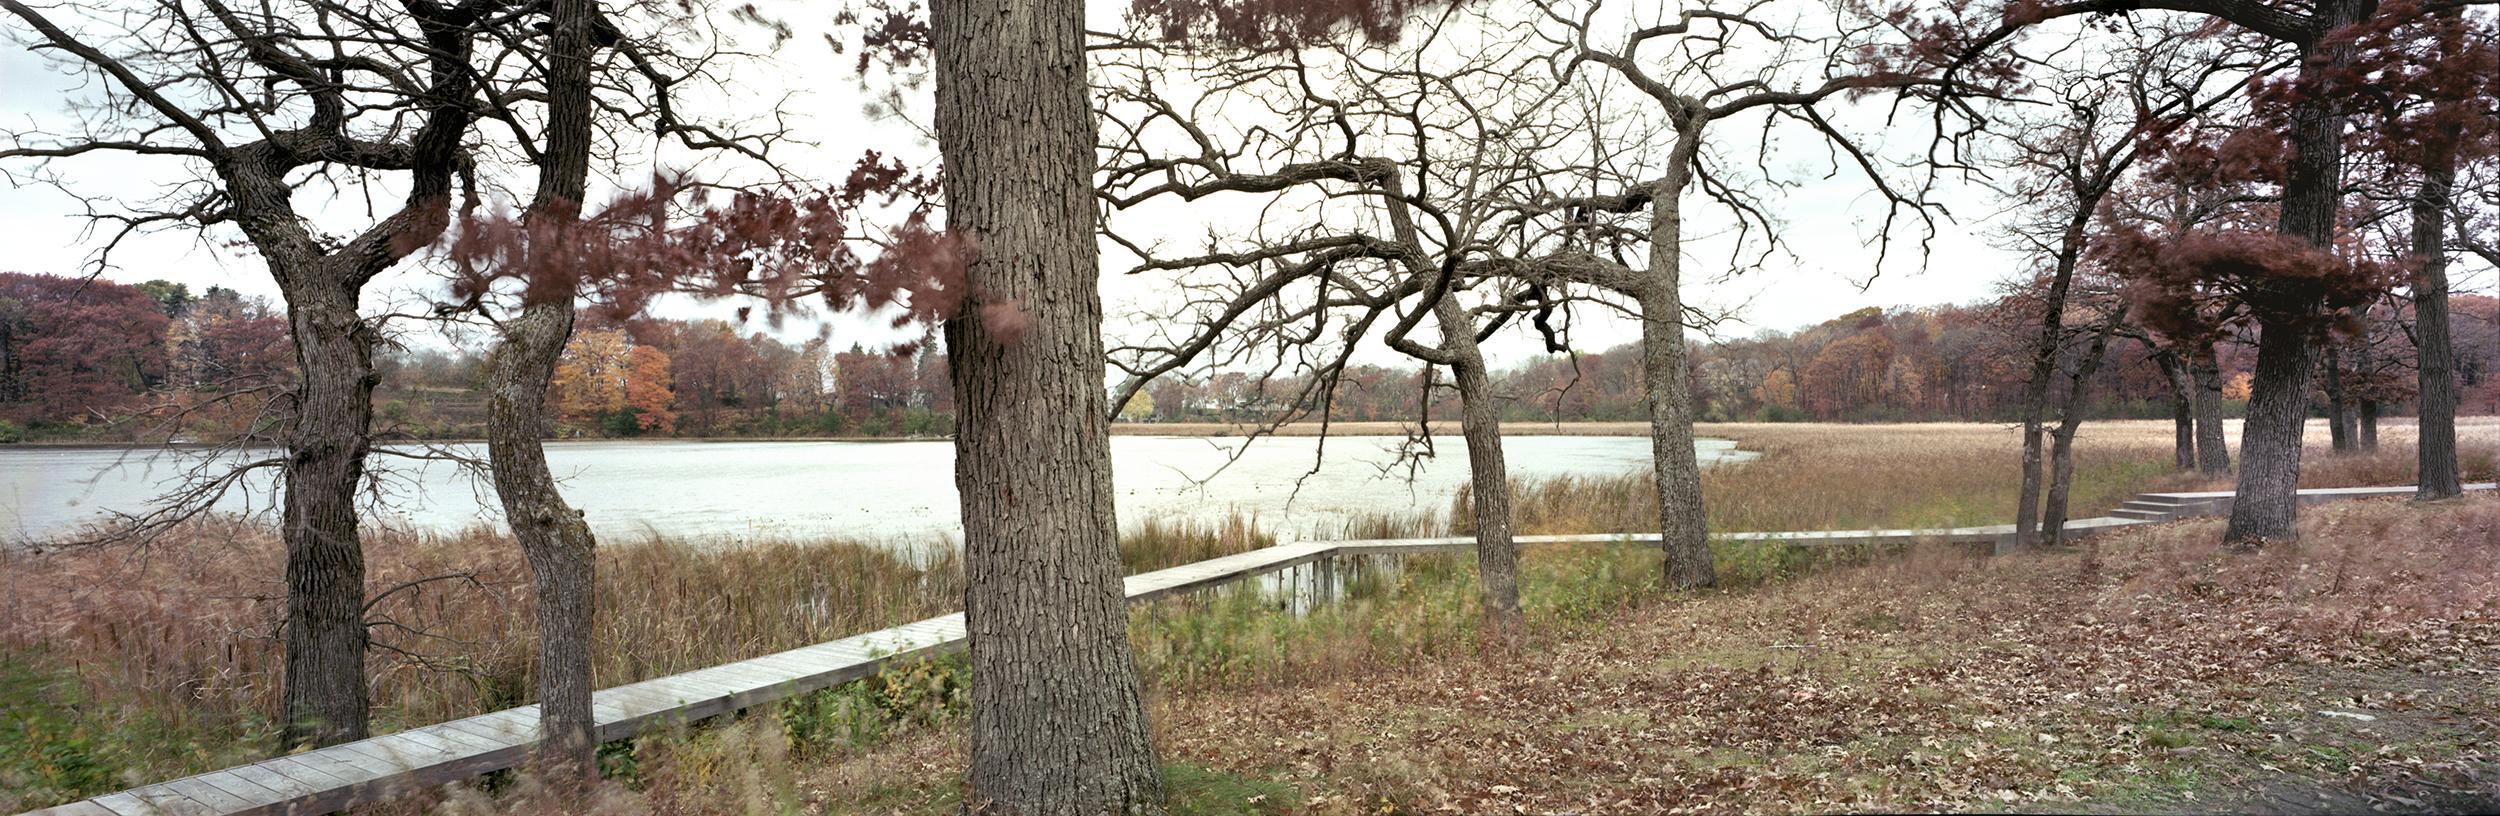 Lake Marion008_sm.jpg